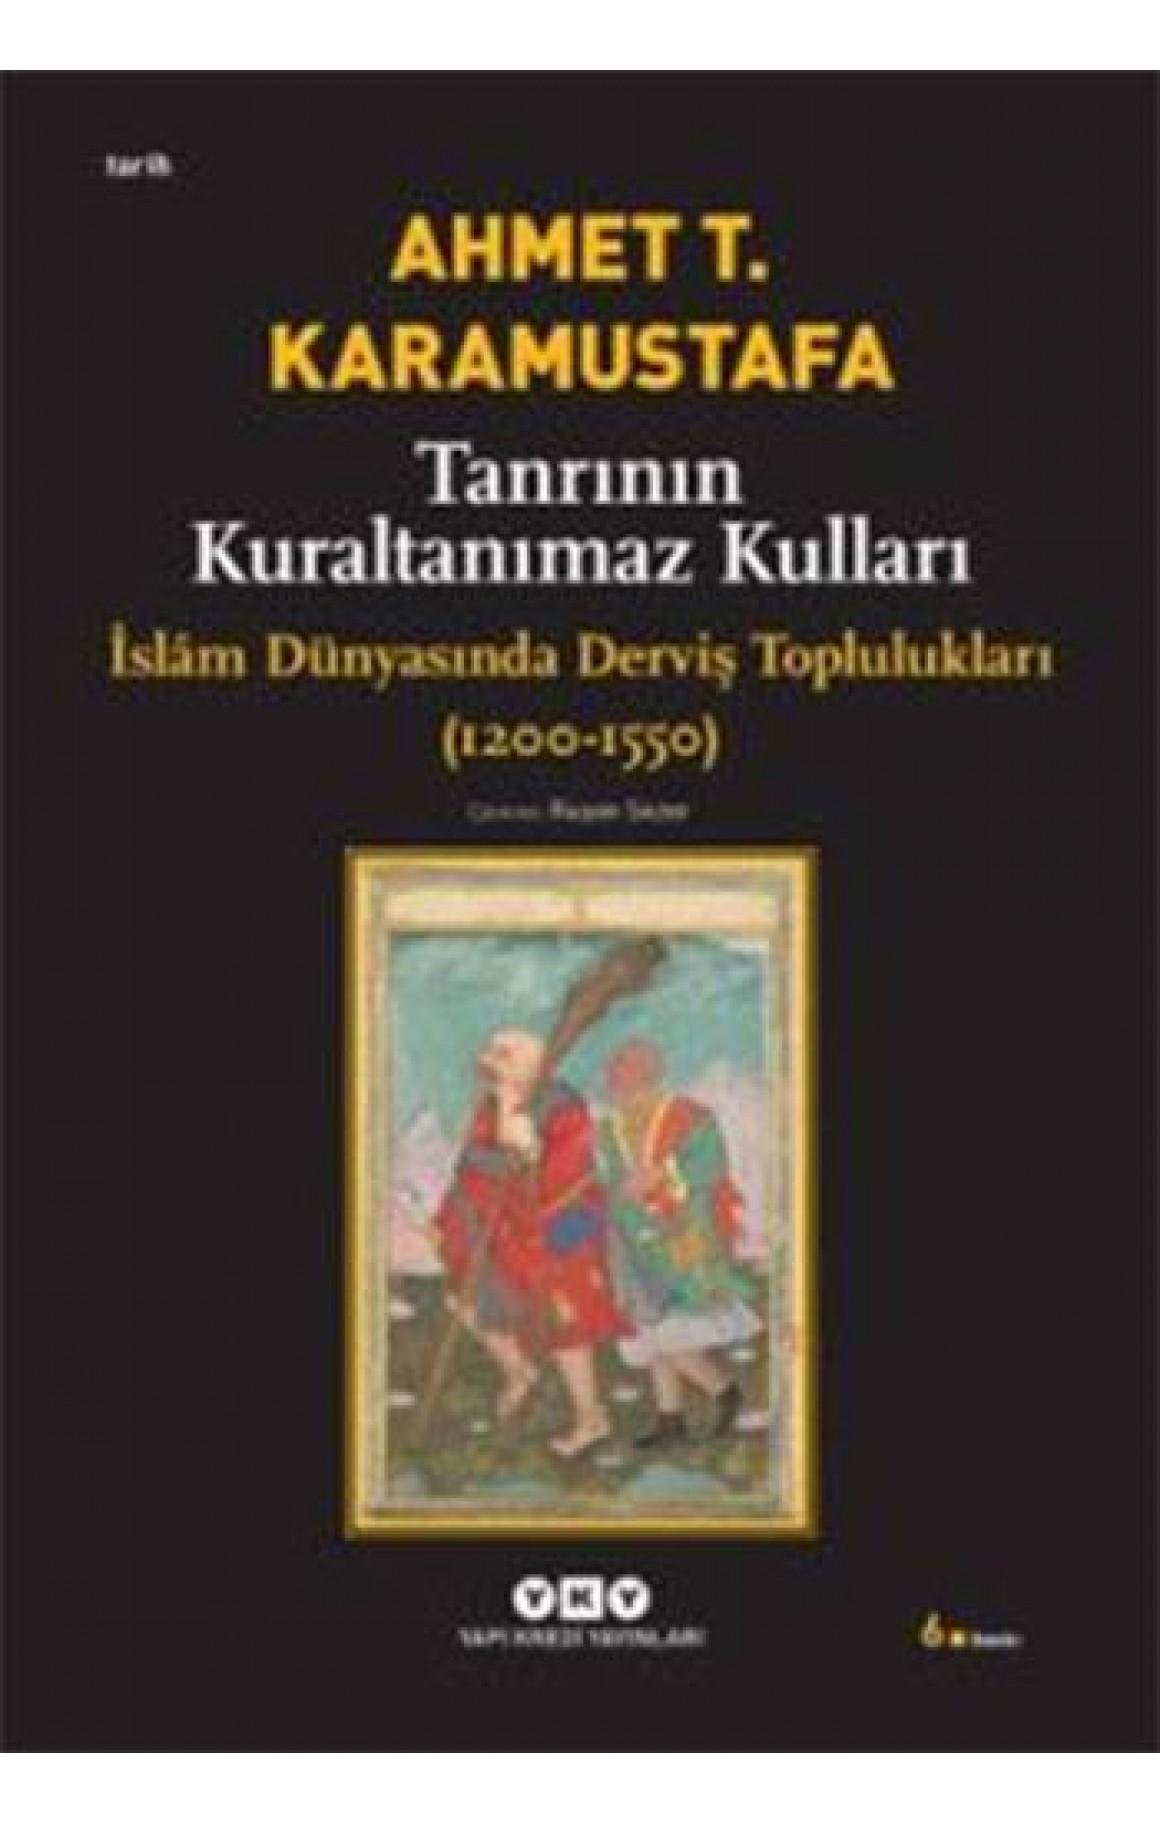 Tanrının Kuraltanımaz Kulları - İslam Dünyasında Derviş Toplulukları (1200-1550)